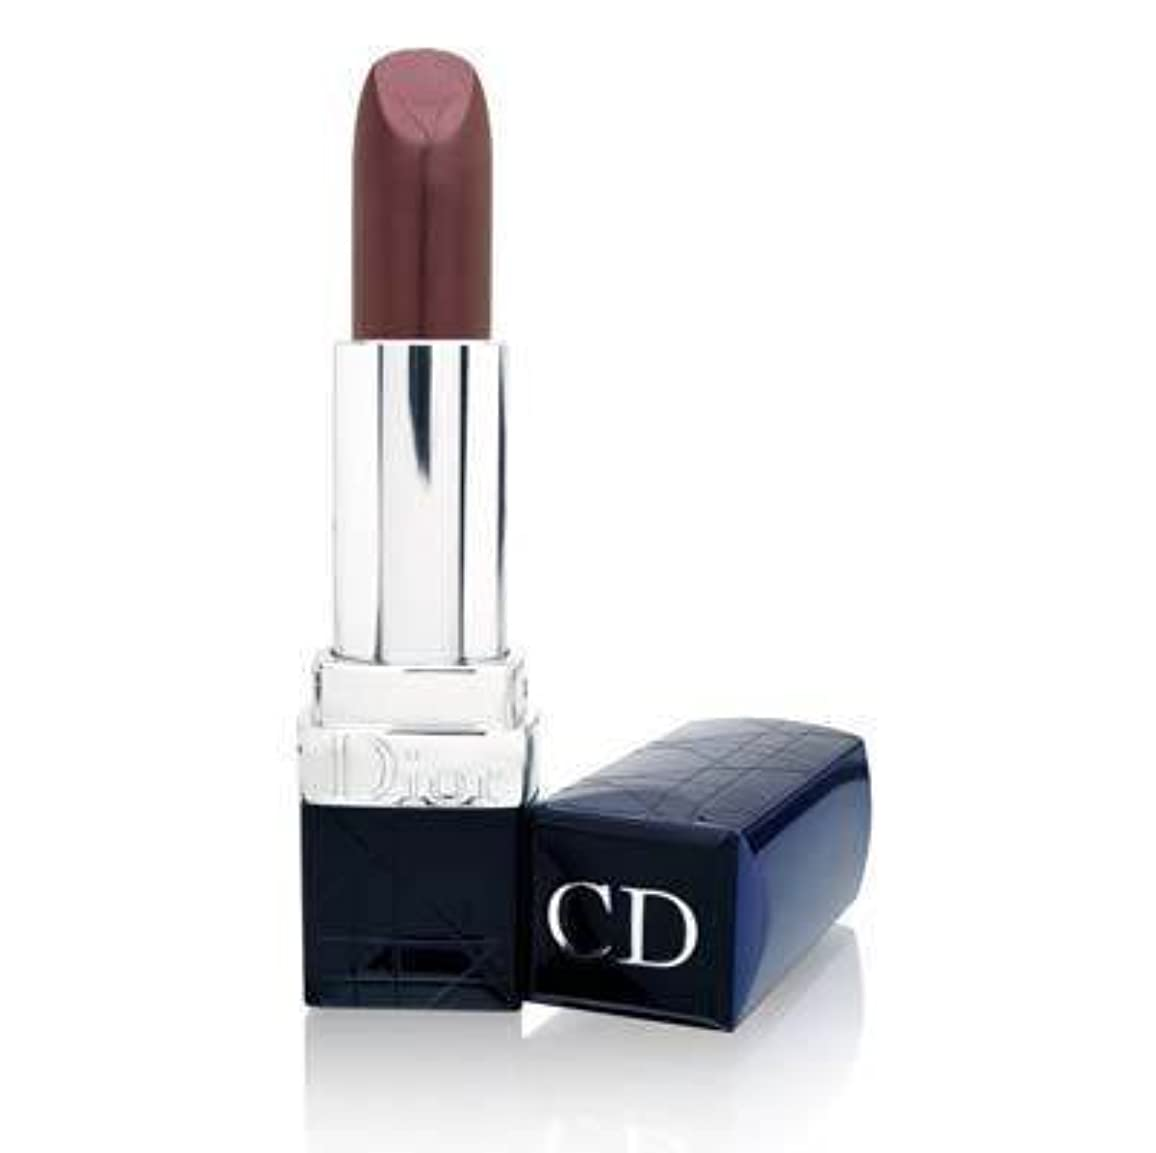 寛大さマトロン発動機Rouge Dior Replenishing Lipstick 966 Purple Sultan Satin(ルージュディオール リプレニッシング リップスティック 966 パープル スルタン サテン)[海外直送品]...